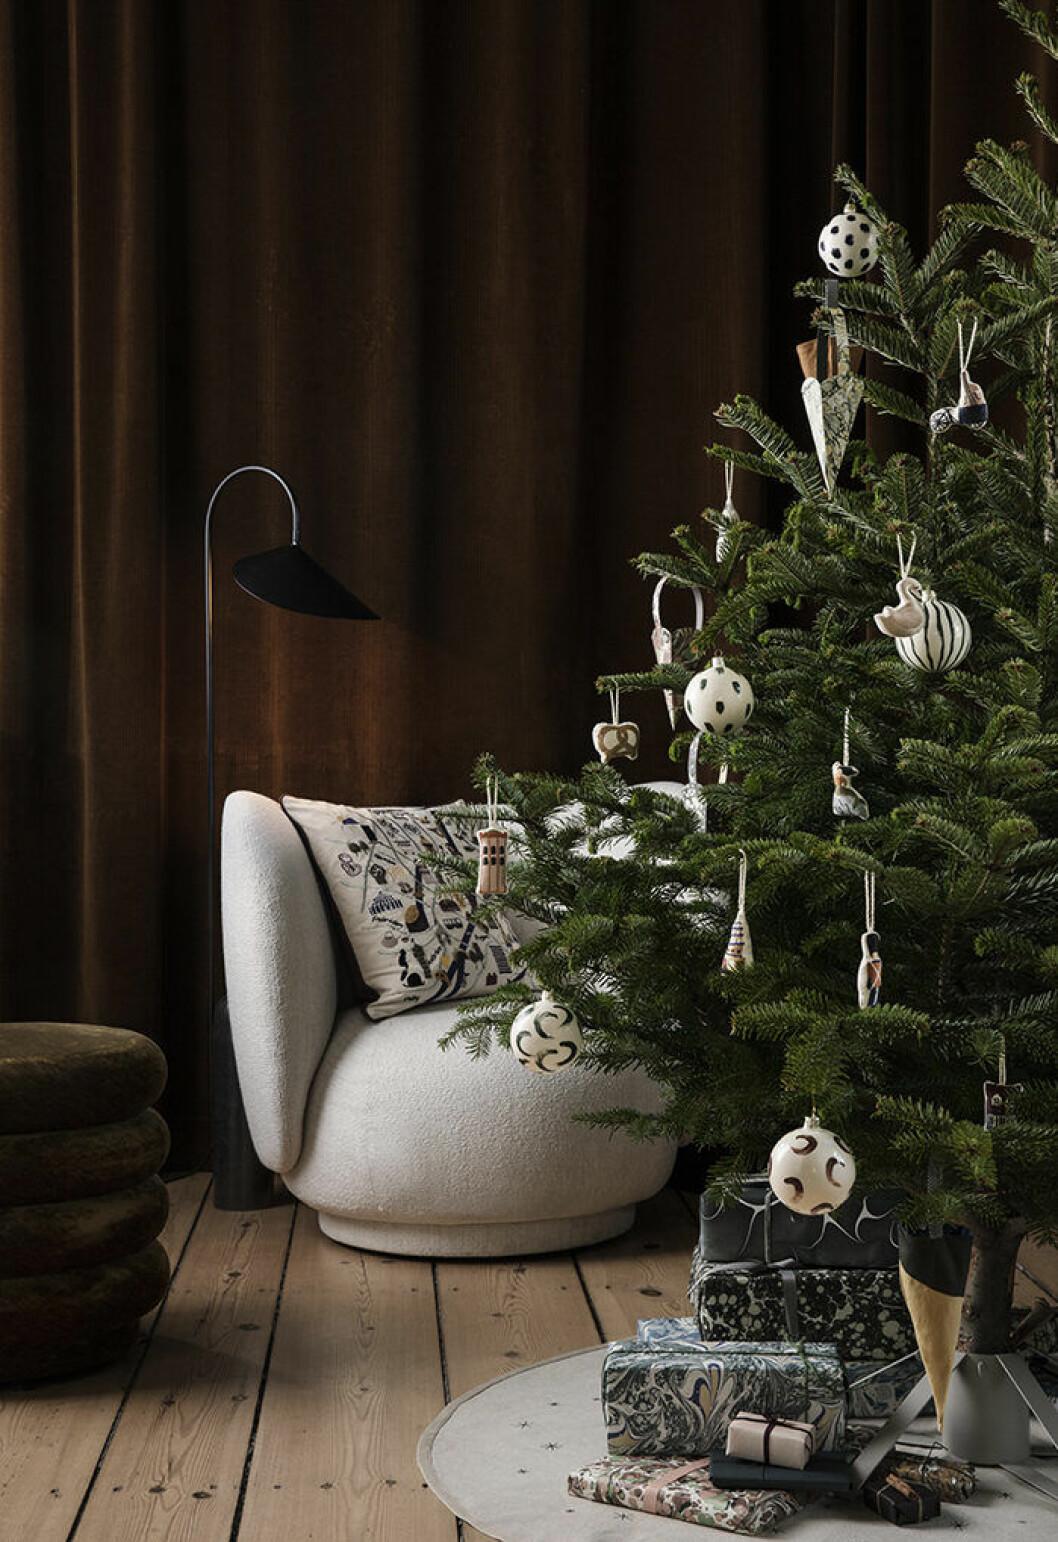 Julen hos Ferm Living 2019